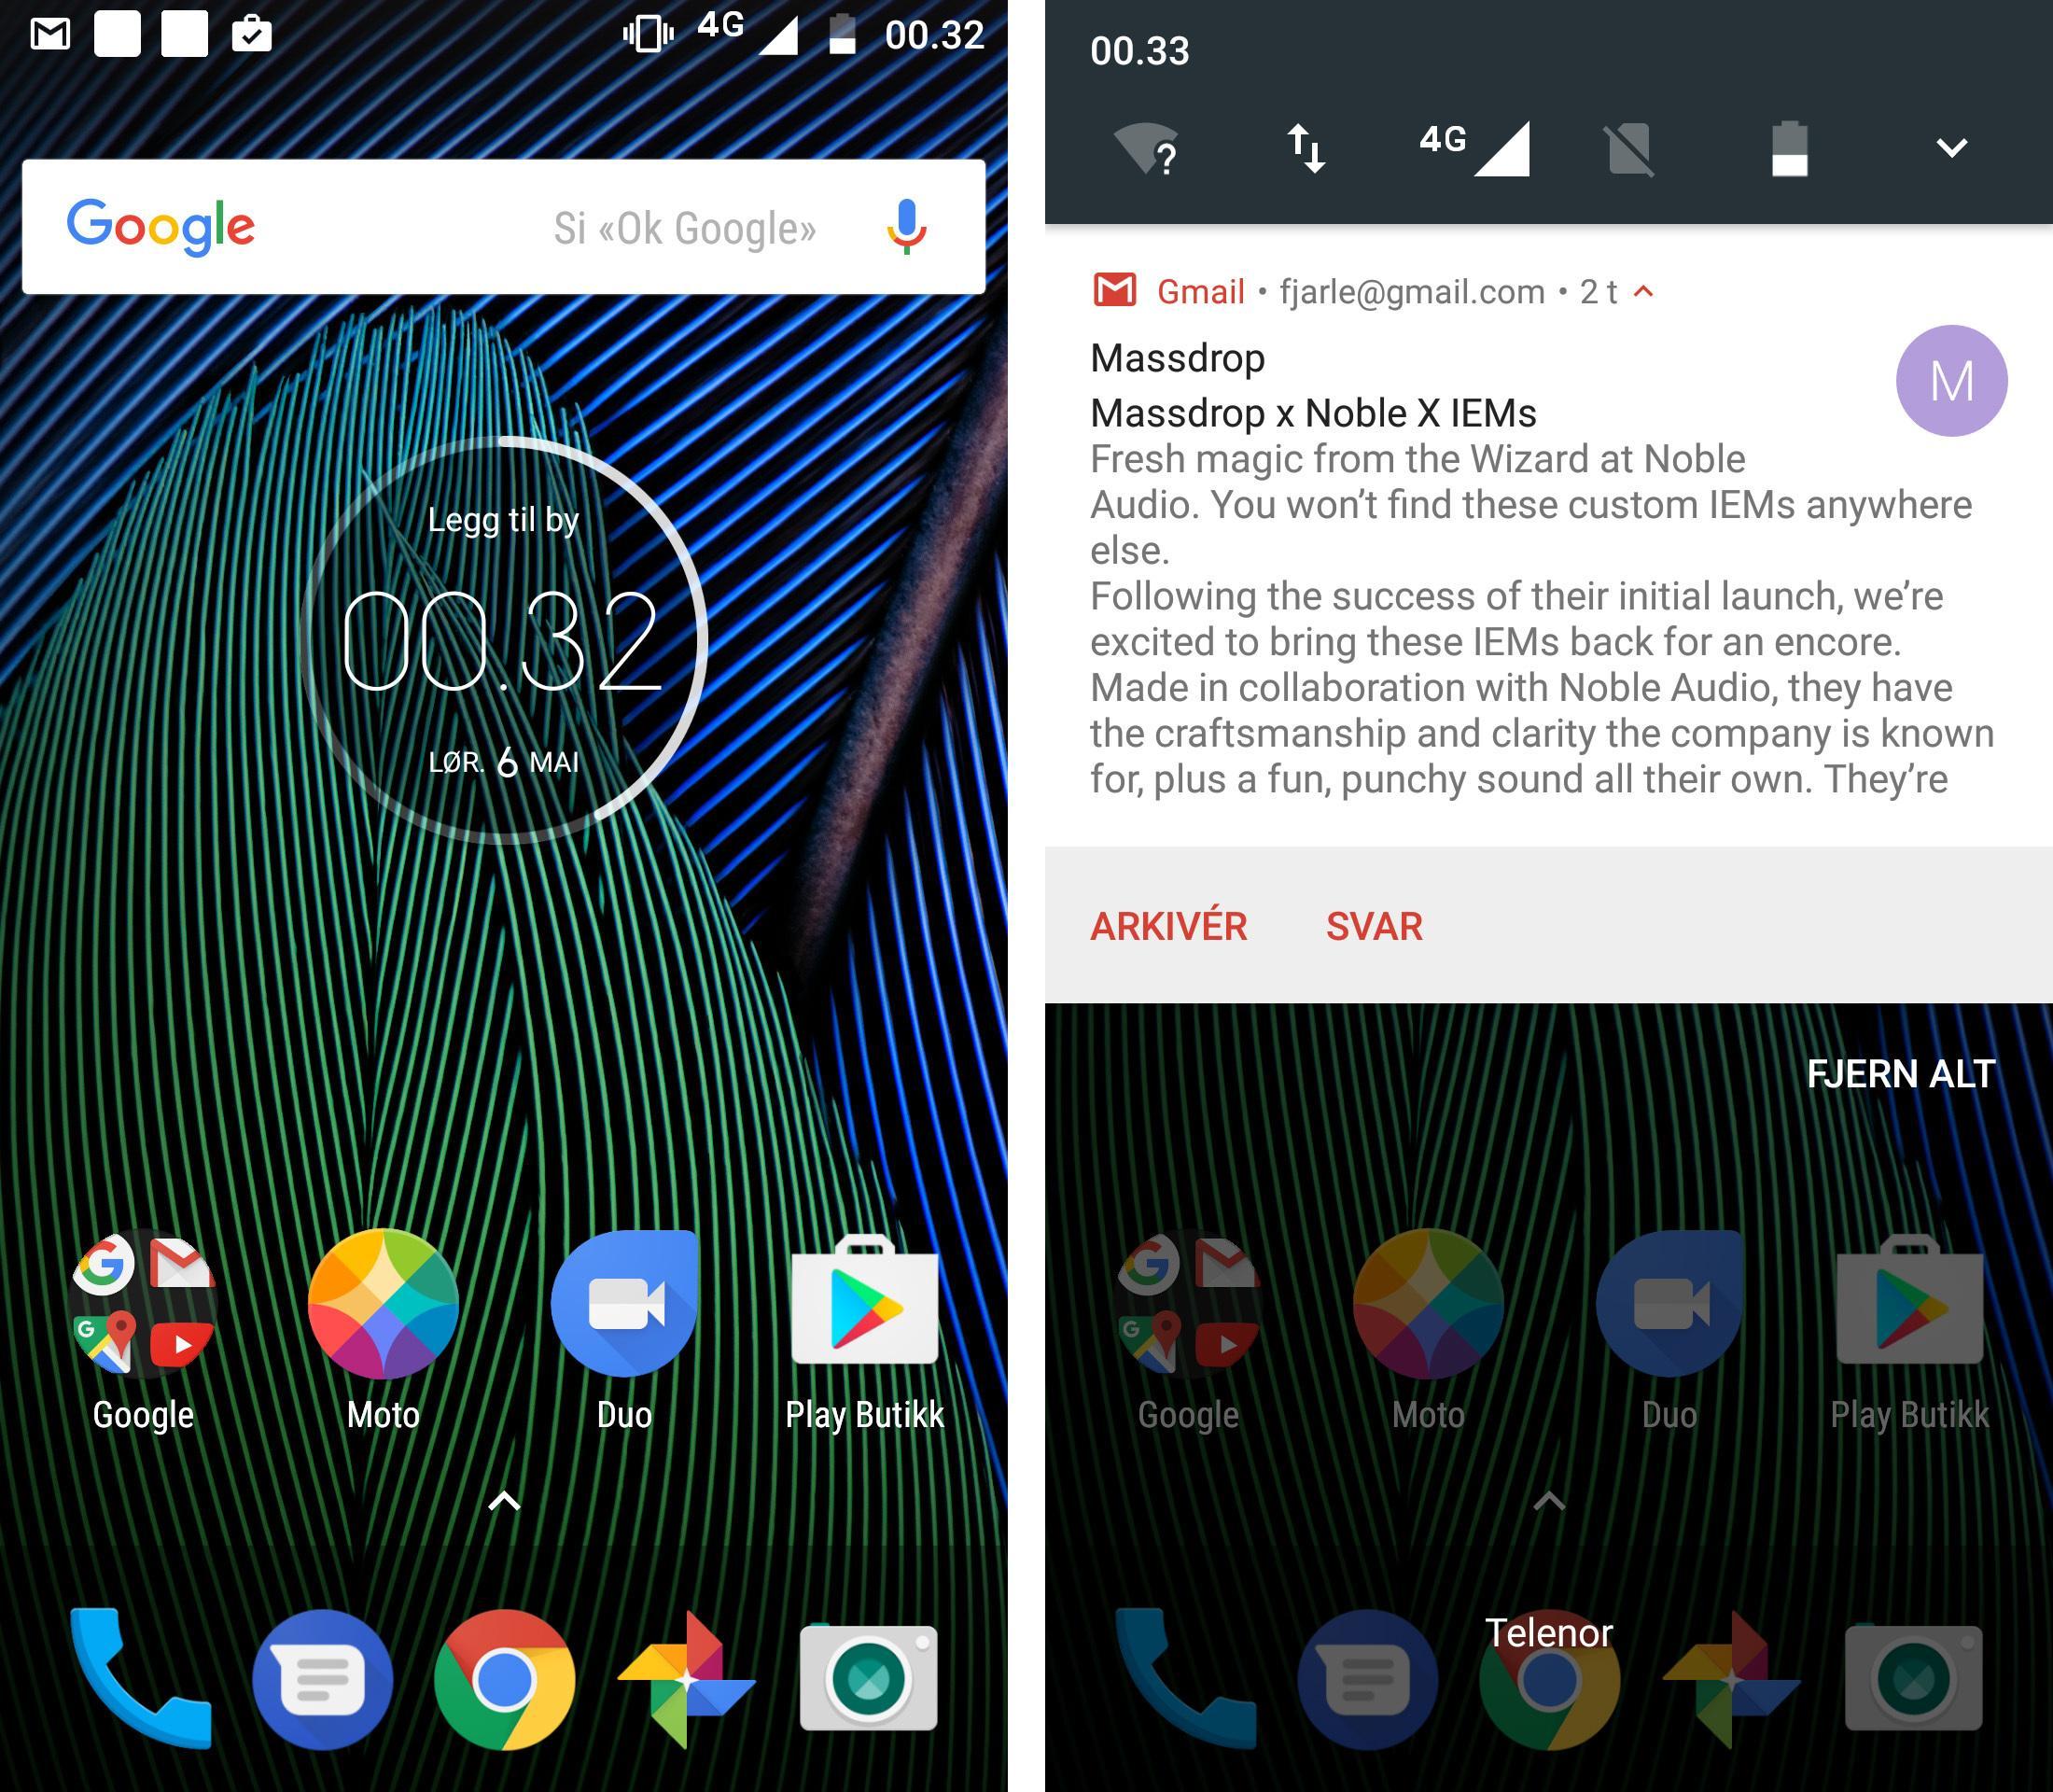 Menyene er så godt som identiske med de du finner på Google Pixel. Alt går lynende kjapt. Selv om Moto G5 Plus ikke har samme motor som de dyreste mobilene, klarer den å by på en brukeropplevelse som slår mange telefoner til tre ganger prisen.